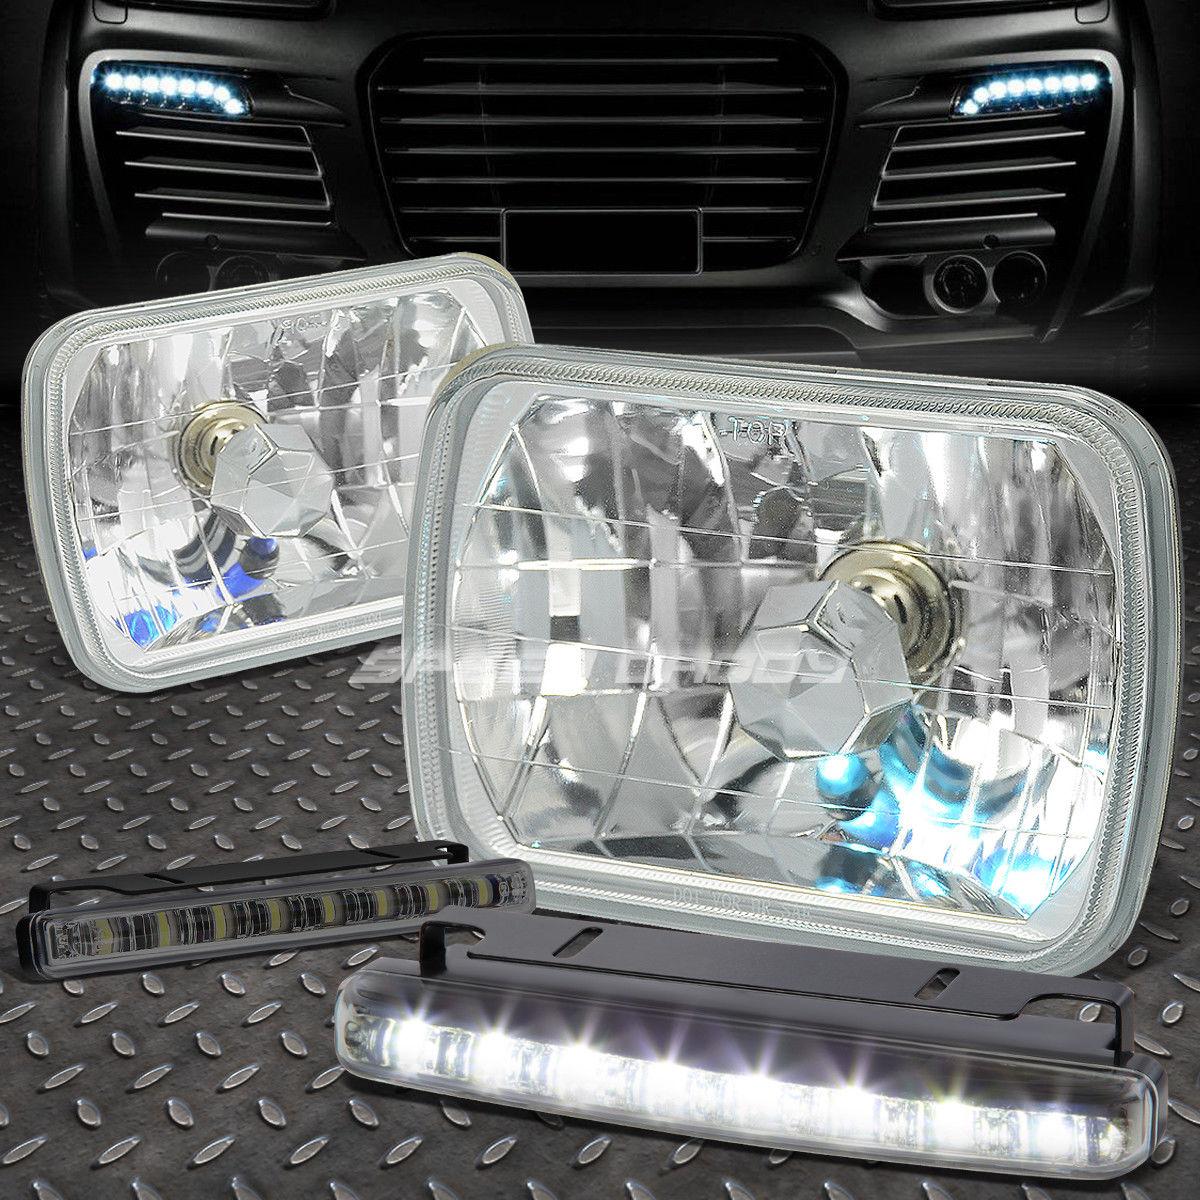 フォグライト CHROME HOUSING SQUARE DIAMOND HEADLIGHT+8 LED SMOKE FOG LIGHT FOR H6014/H6054 CHROME HOUSING SQUAREダイヤモンドヘッドライト+ H6014 / H6054用8個のSMOKE FOGライト